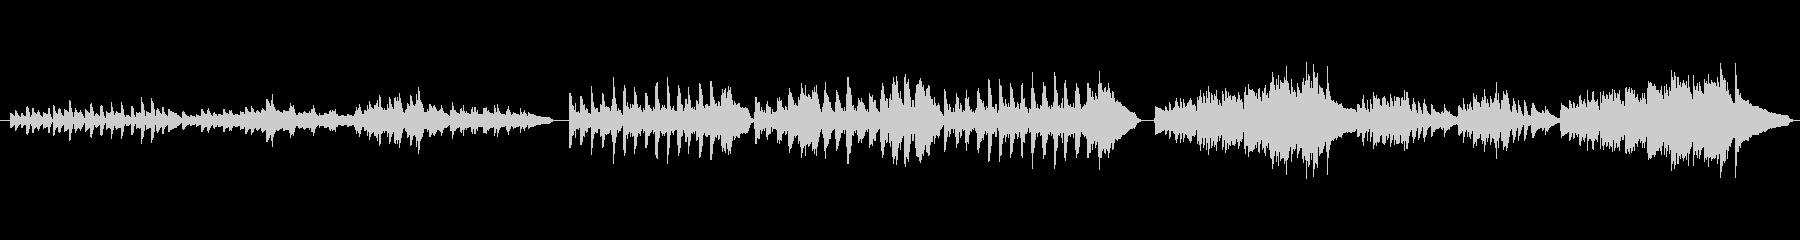 モーツァルト きらきら星より③(ピアノ)の未再生の波形